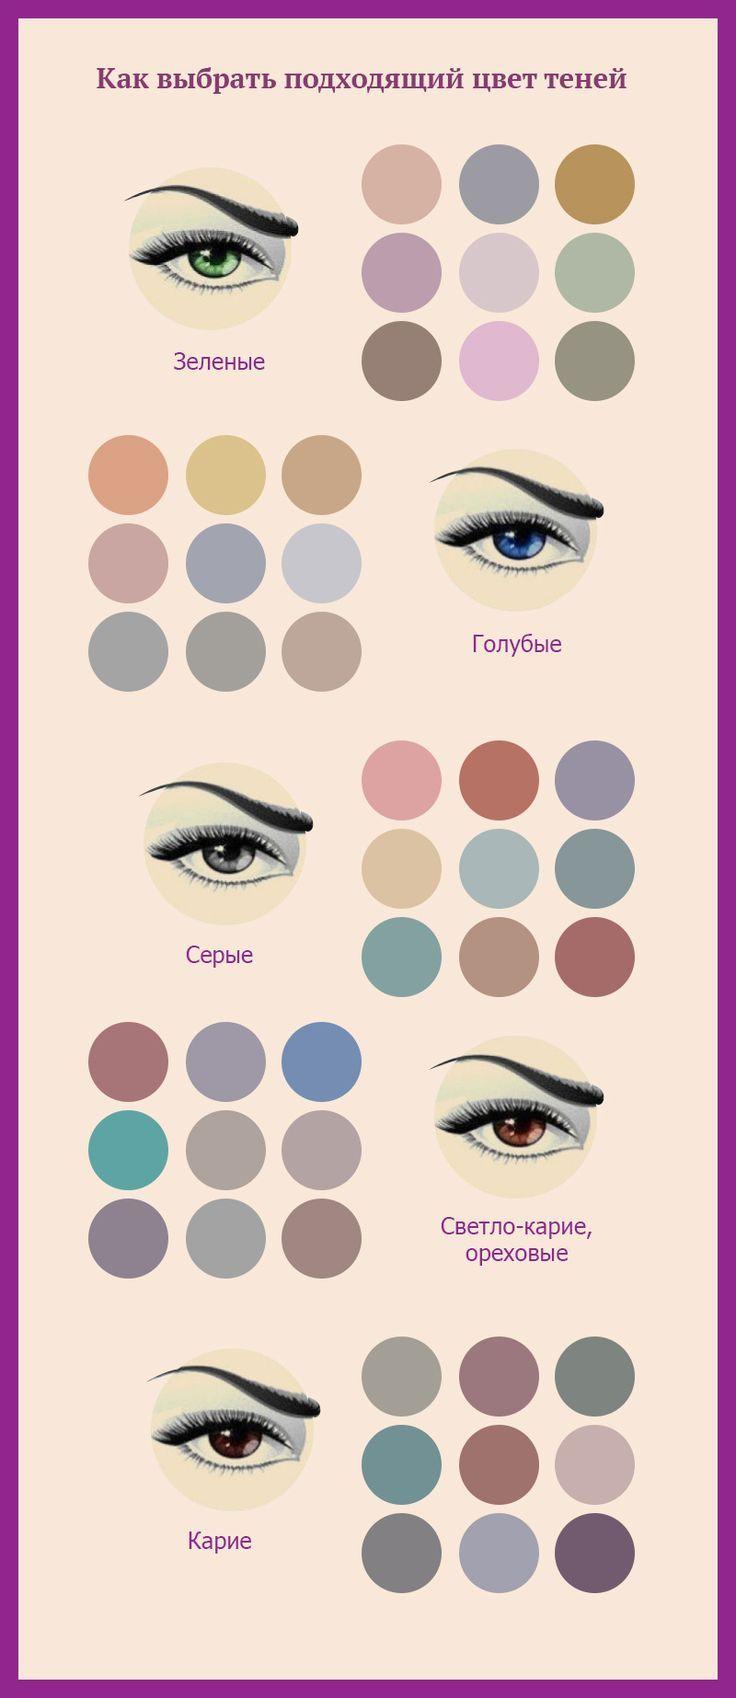 макияж для серо-голубых глаз тени цвета: 14 тыс ...